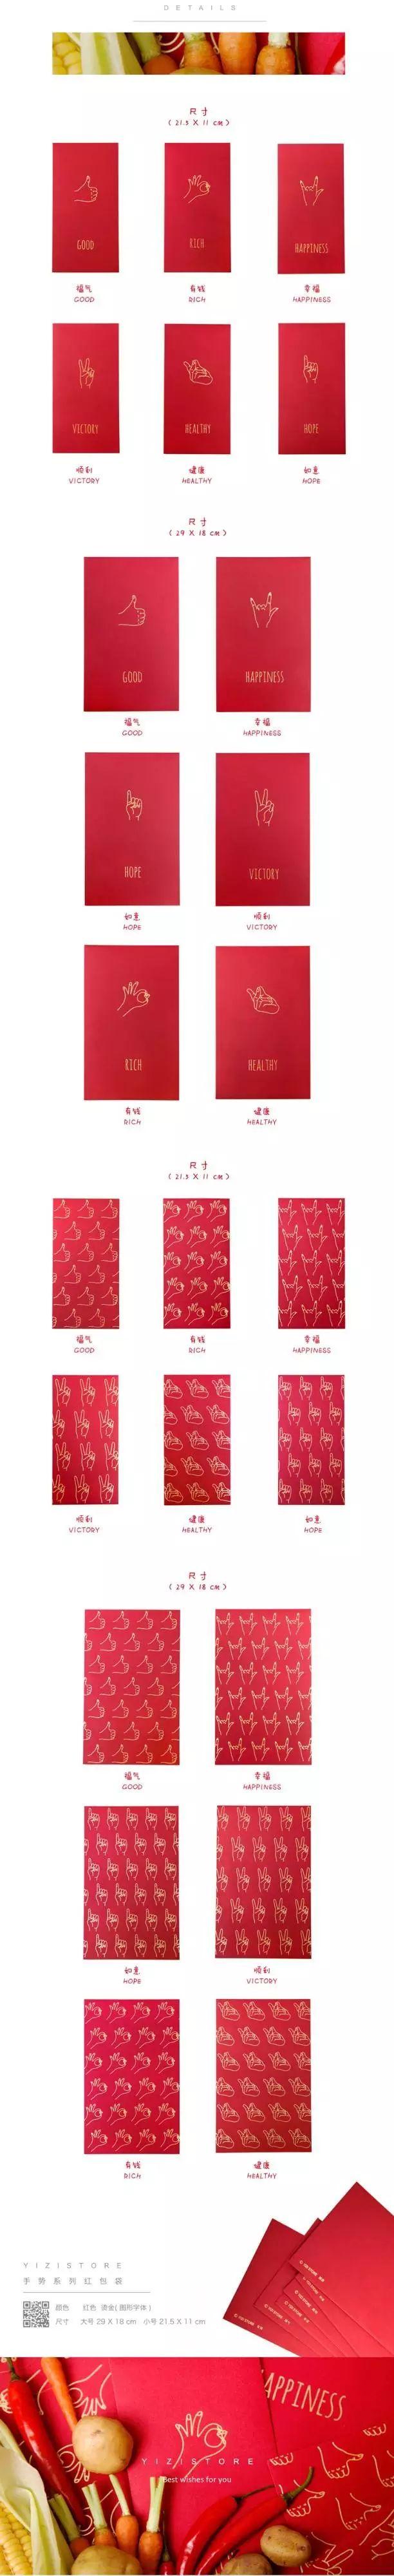 够大才任性!【新品关注】YIZISTORE 2015手势系列烫金红包袋